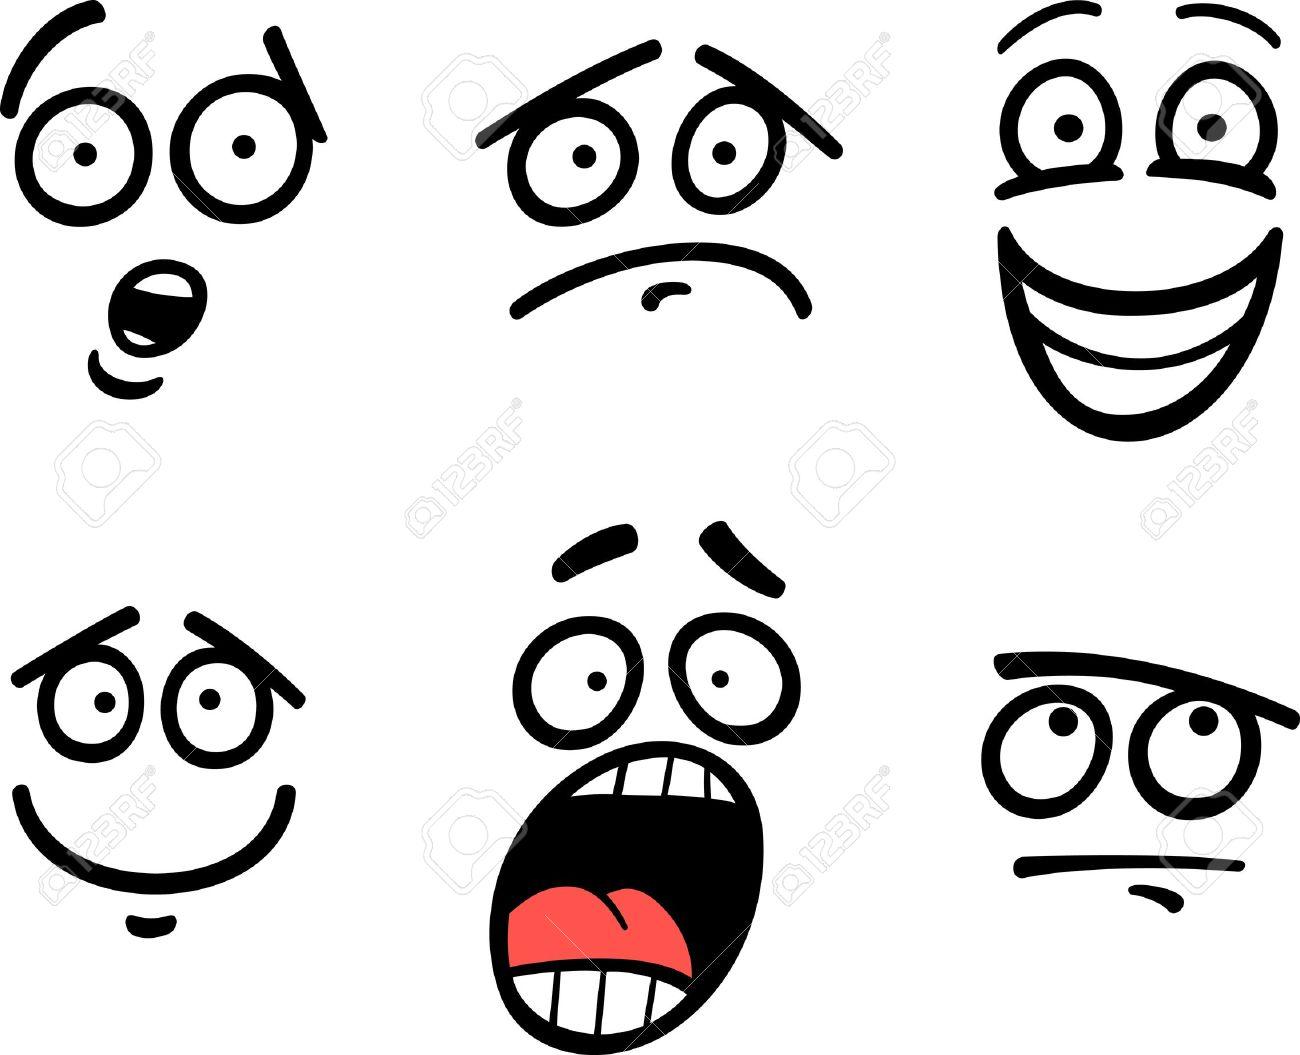 Ilustración De Dibujos Animados De Emoticon O Emociones Y Expresiones Divertidas Como Triste Feliz Miedo O Skeptic